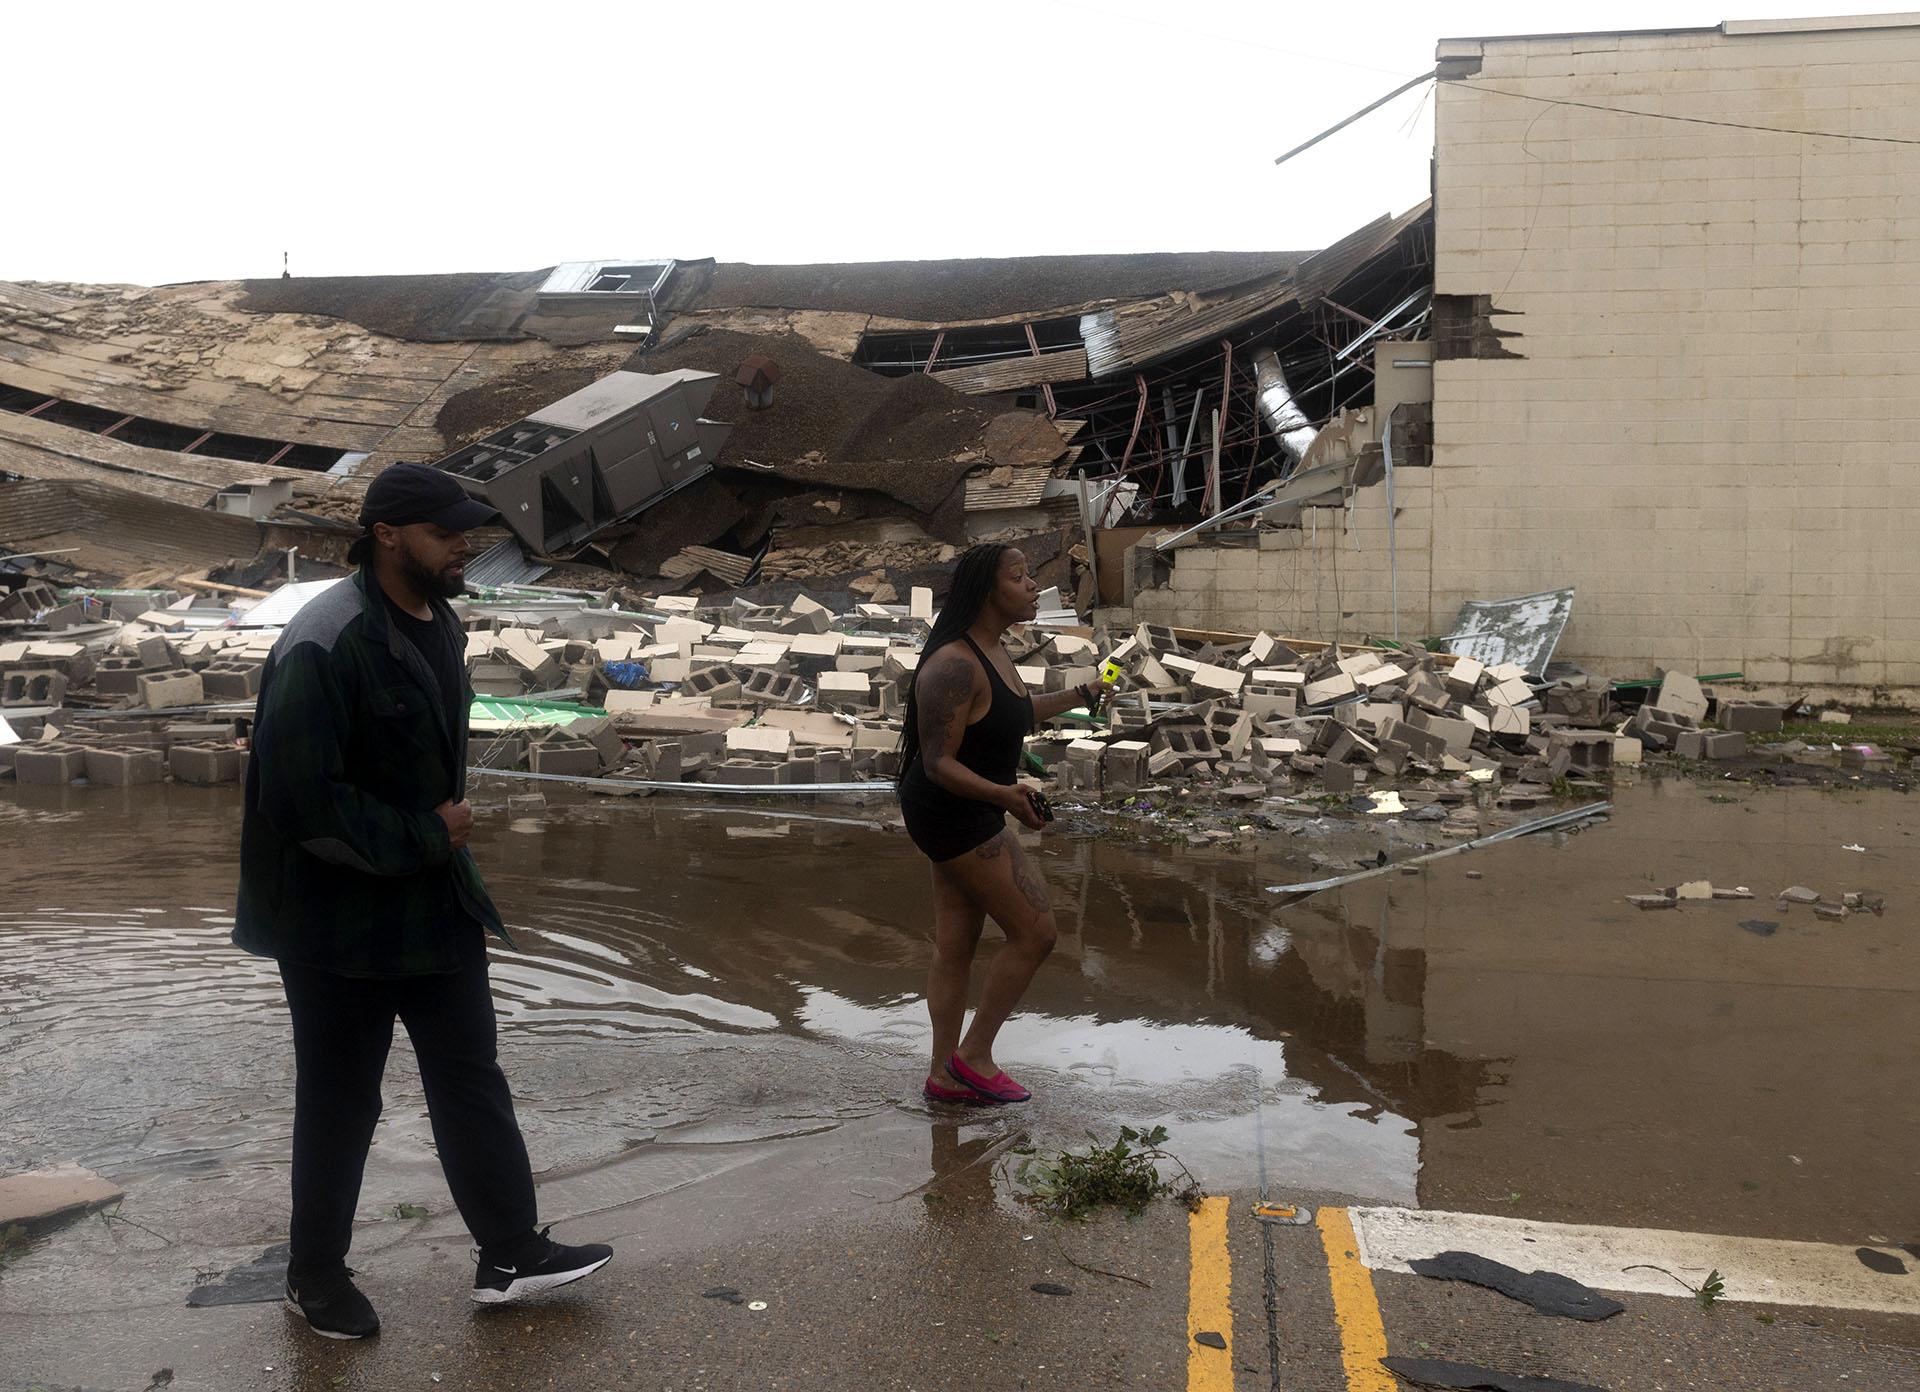 La gente pasa por delante de un edificio destruido tras el paso del huracán Laura en Lake Charles (Foto de ANDREW CABALLERO-REYNOLDS / AFP)